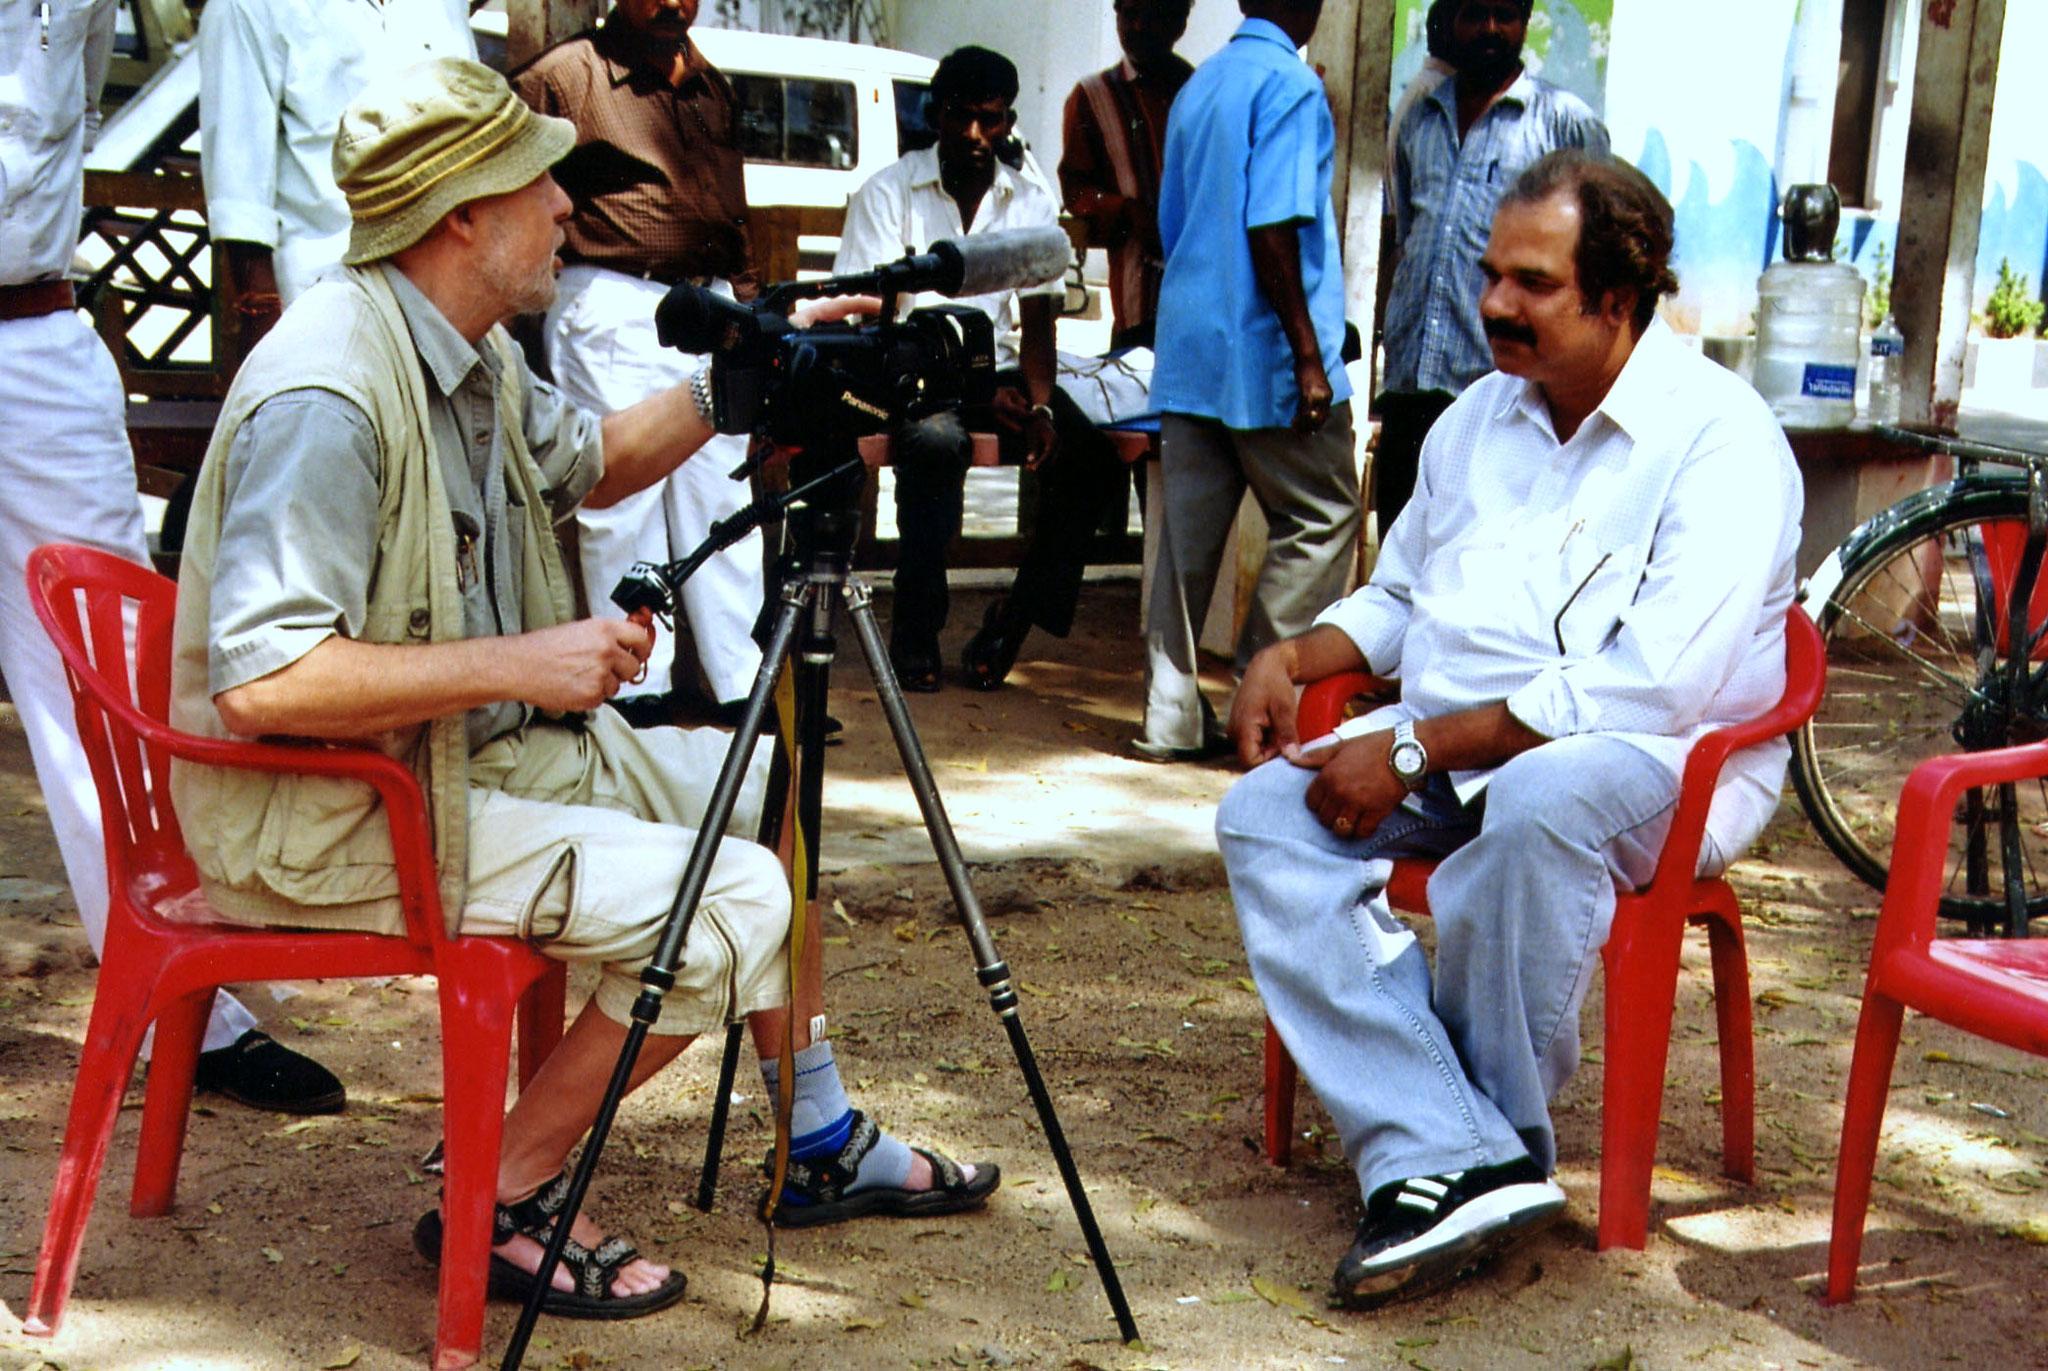 Welcome Mike - Regisseur des Filmstudios hatte Zeit für den Besucher